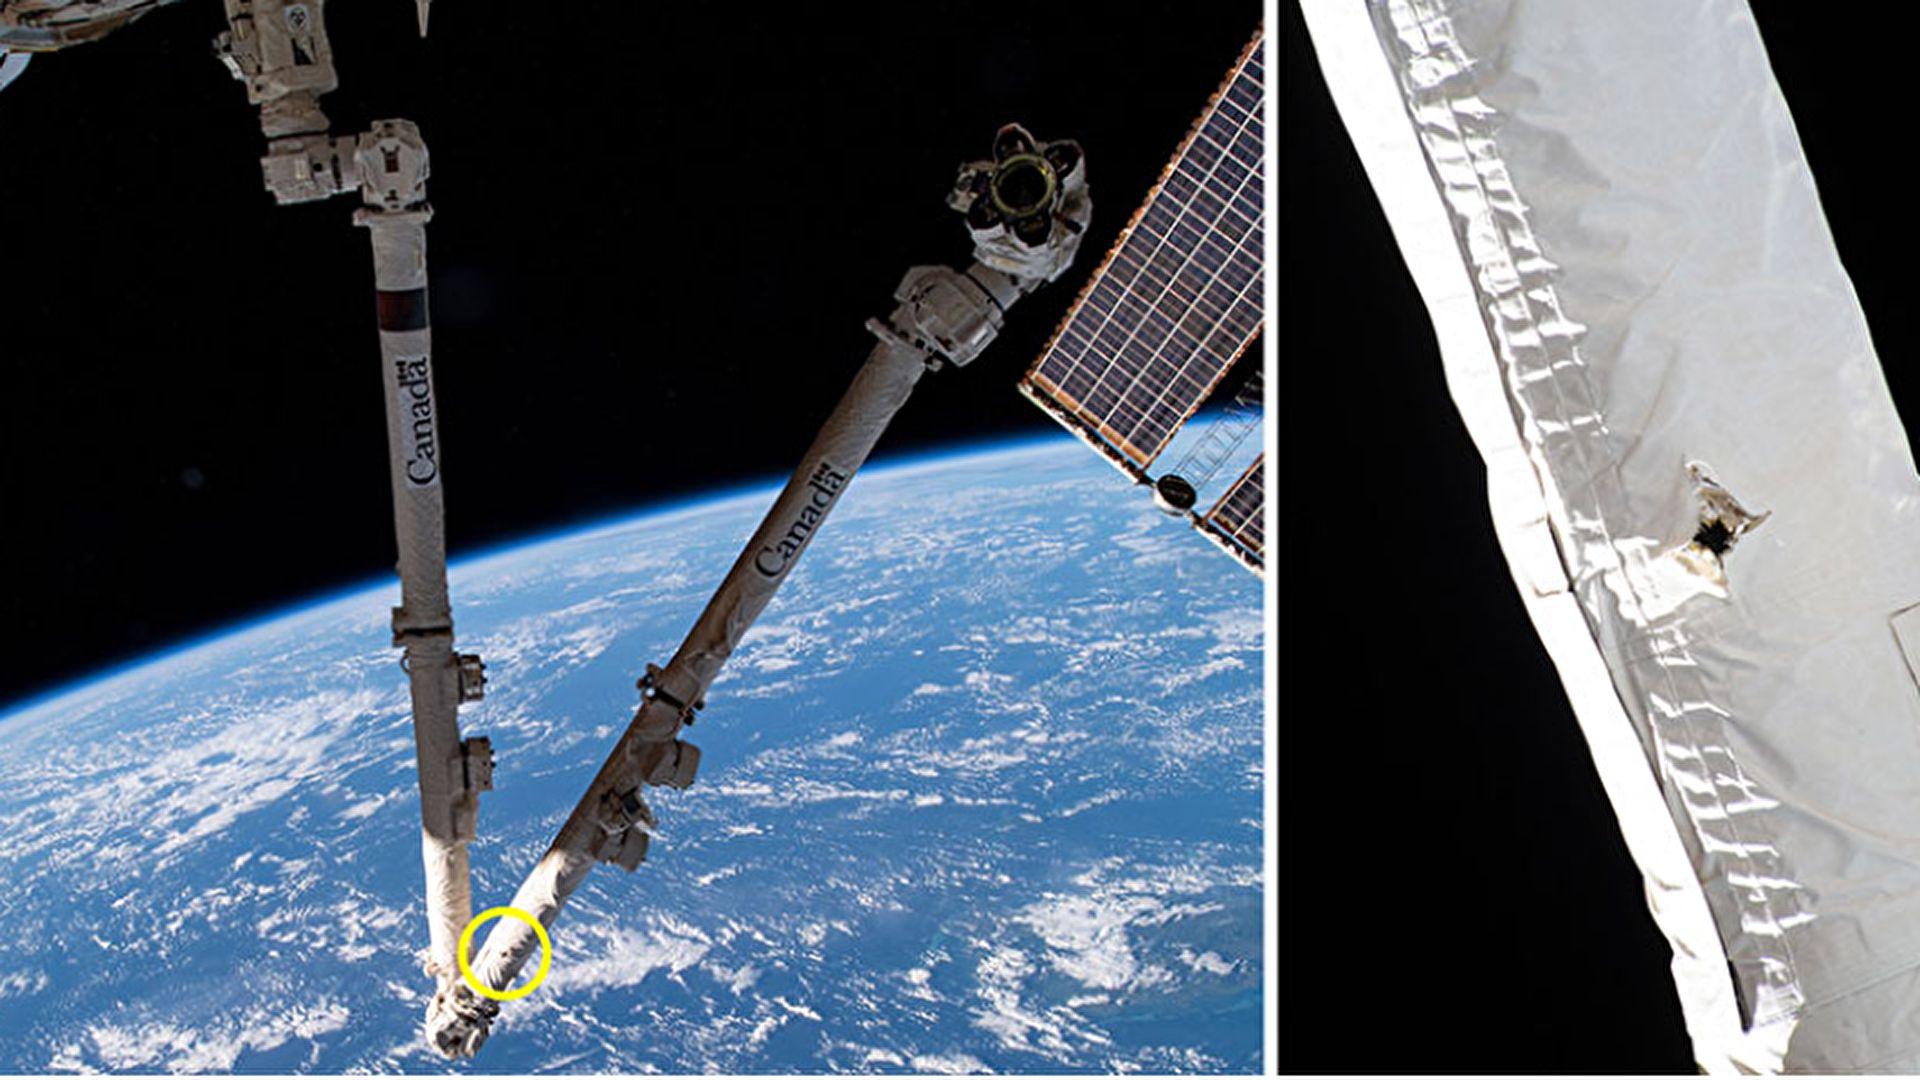 الجزء المصاب فى محطة الفضاء معلم عليه باللون الاصفر